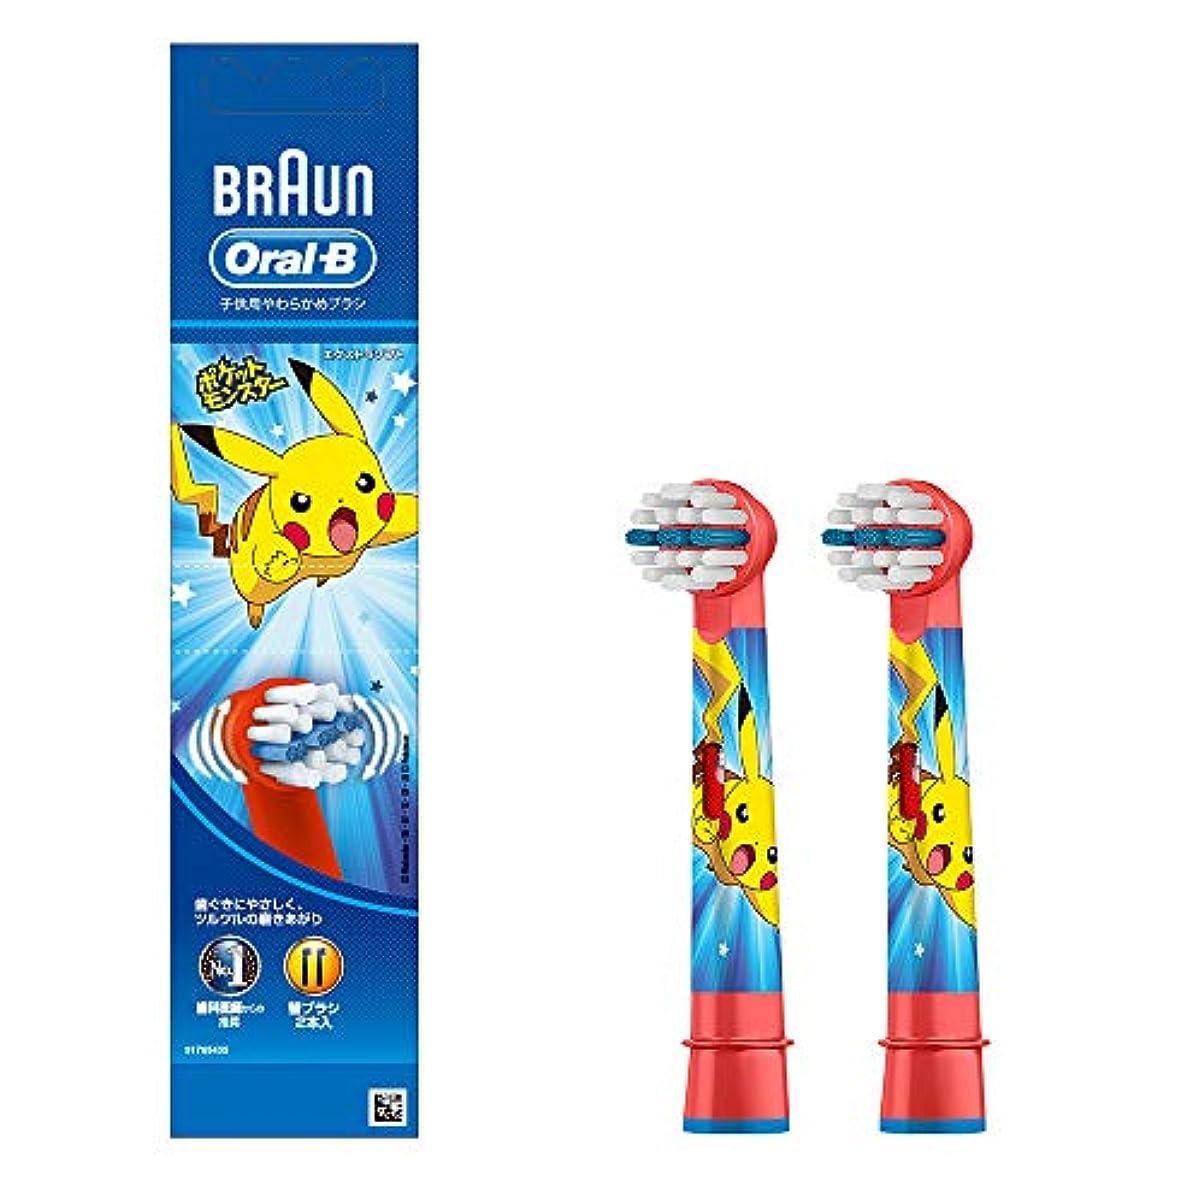 原始的な商標十一ブラウン オーラルB 電動歯ブラシ 子供用 EB10-2KGE すみずみクリーンキッズ やわらかめ 替ブラシ レッド